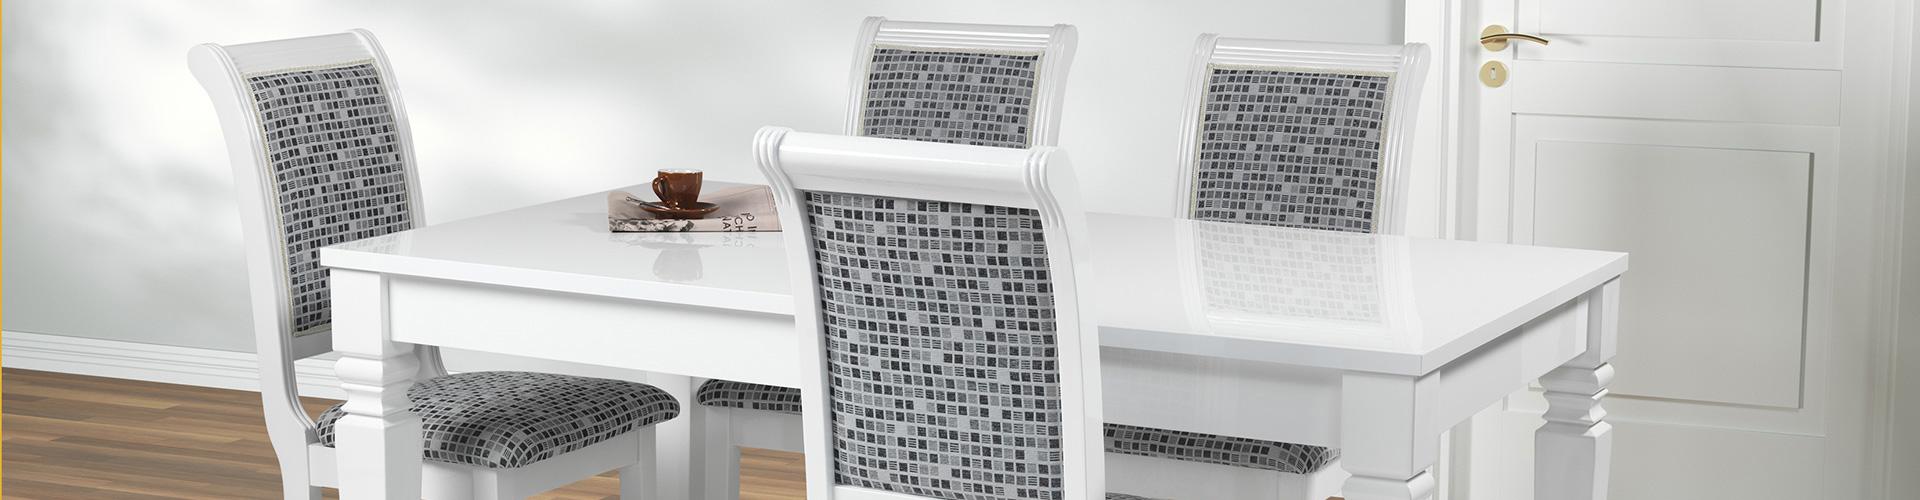 Euro Tische Stuhl